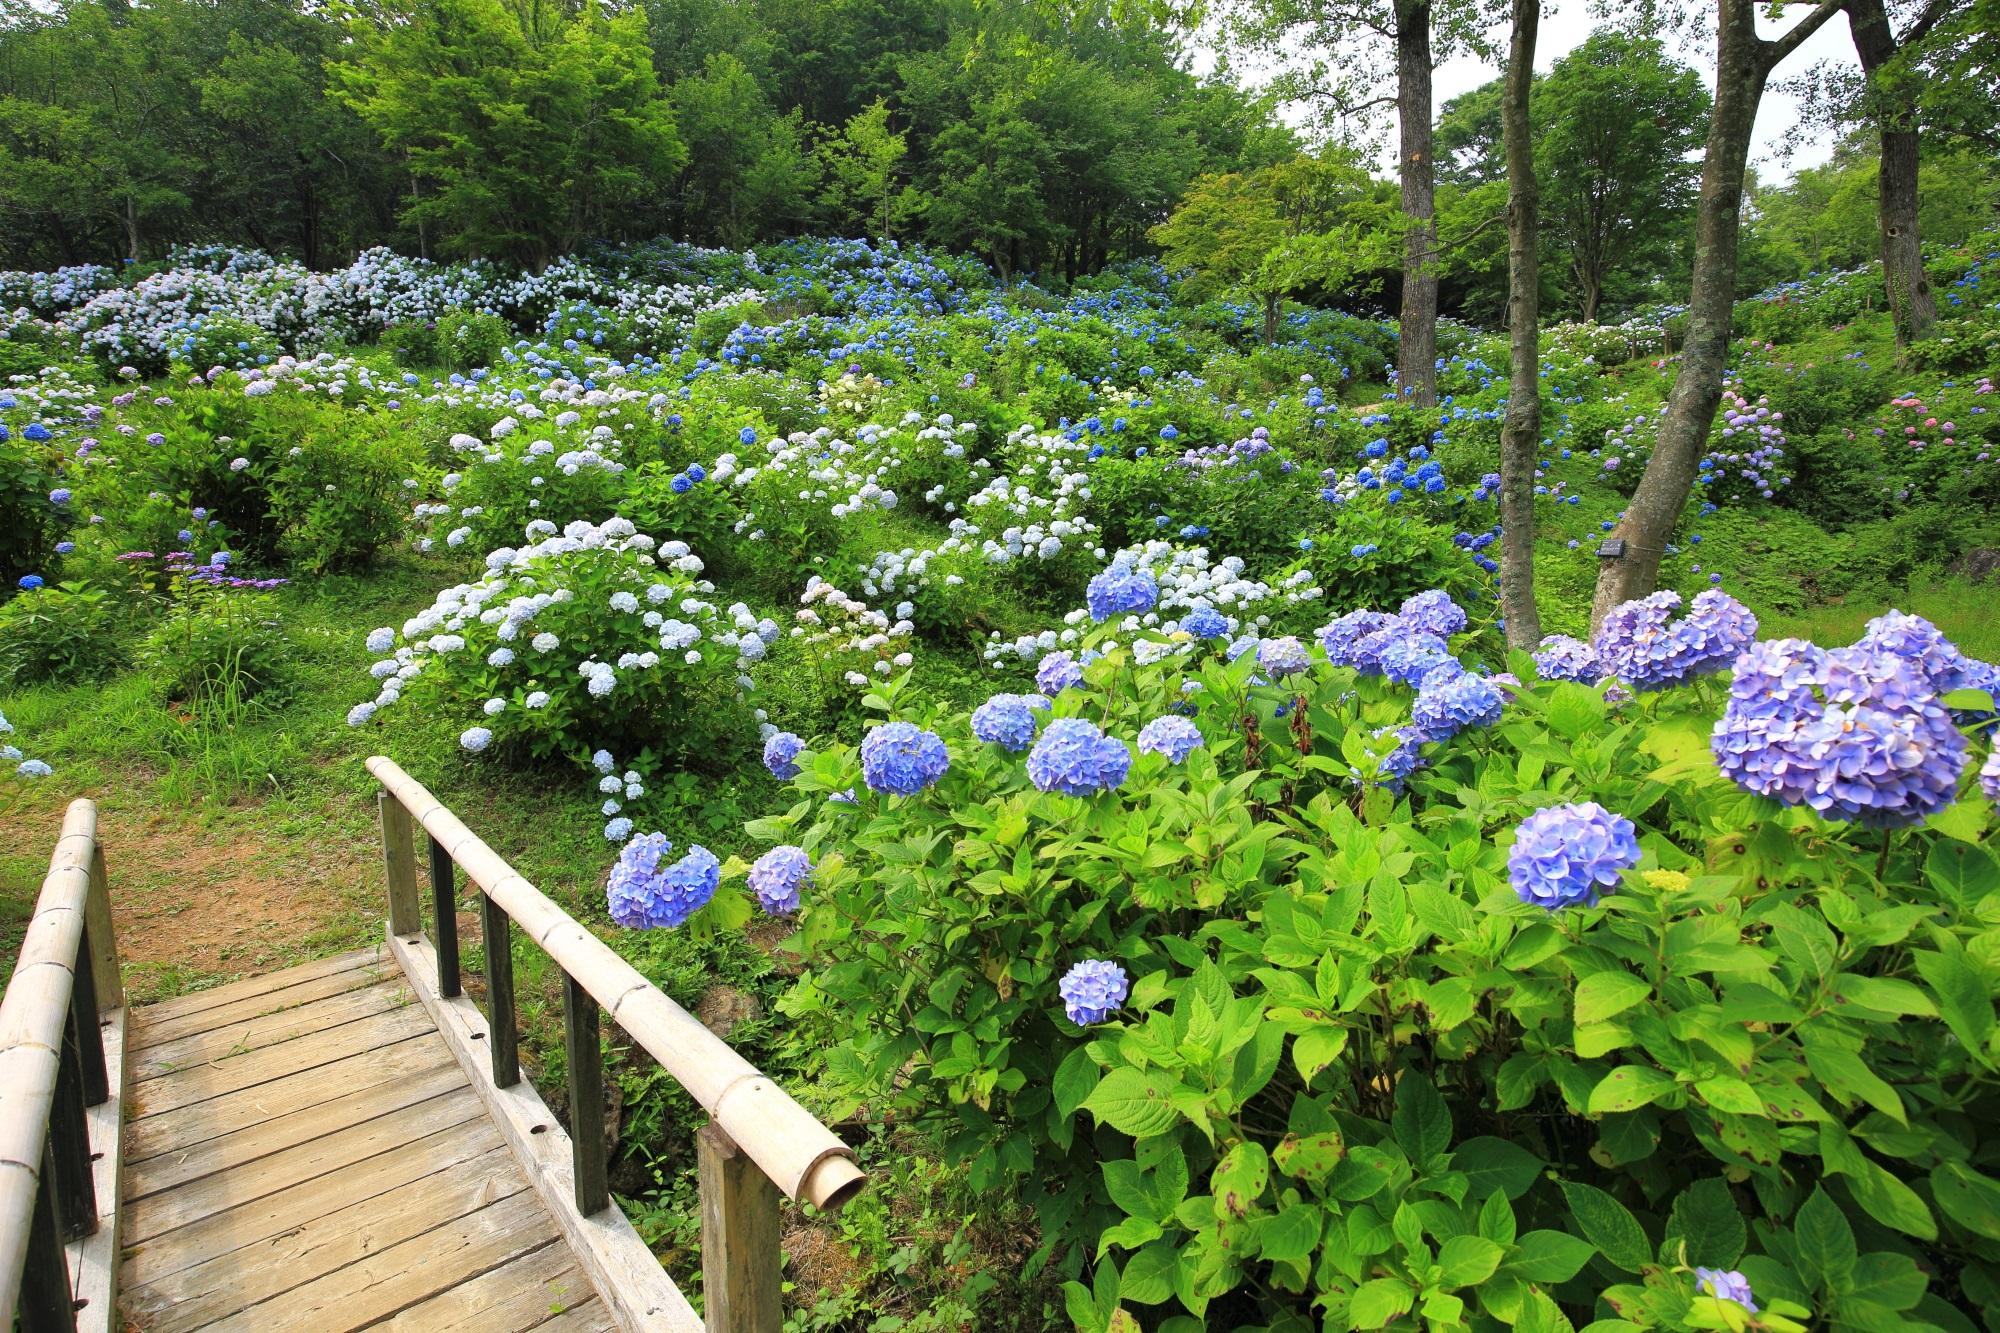 周りは紫陽花でいっぱいの舞鶴自然文化公園のアジサイ園の木の橋